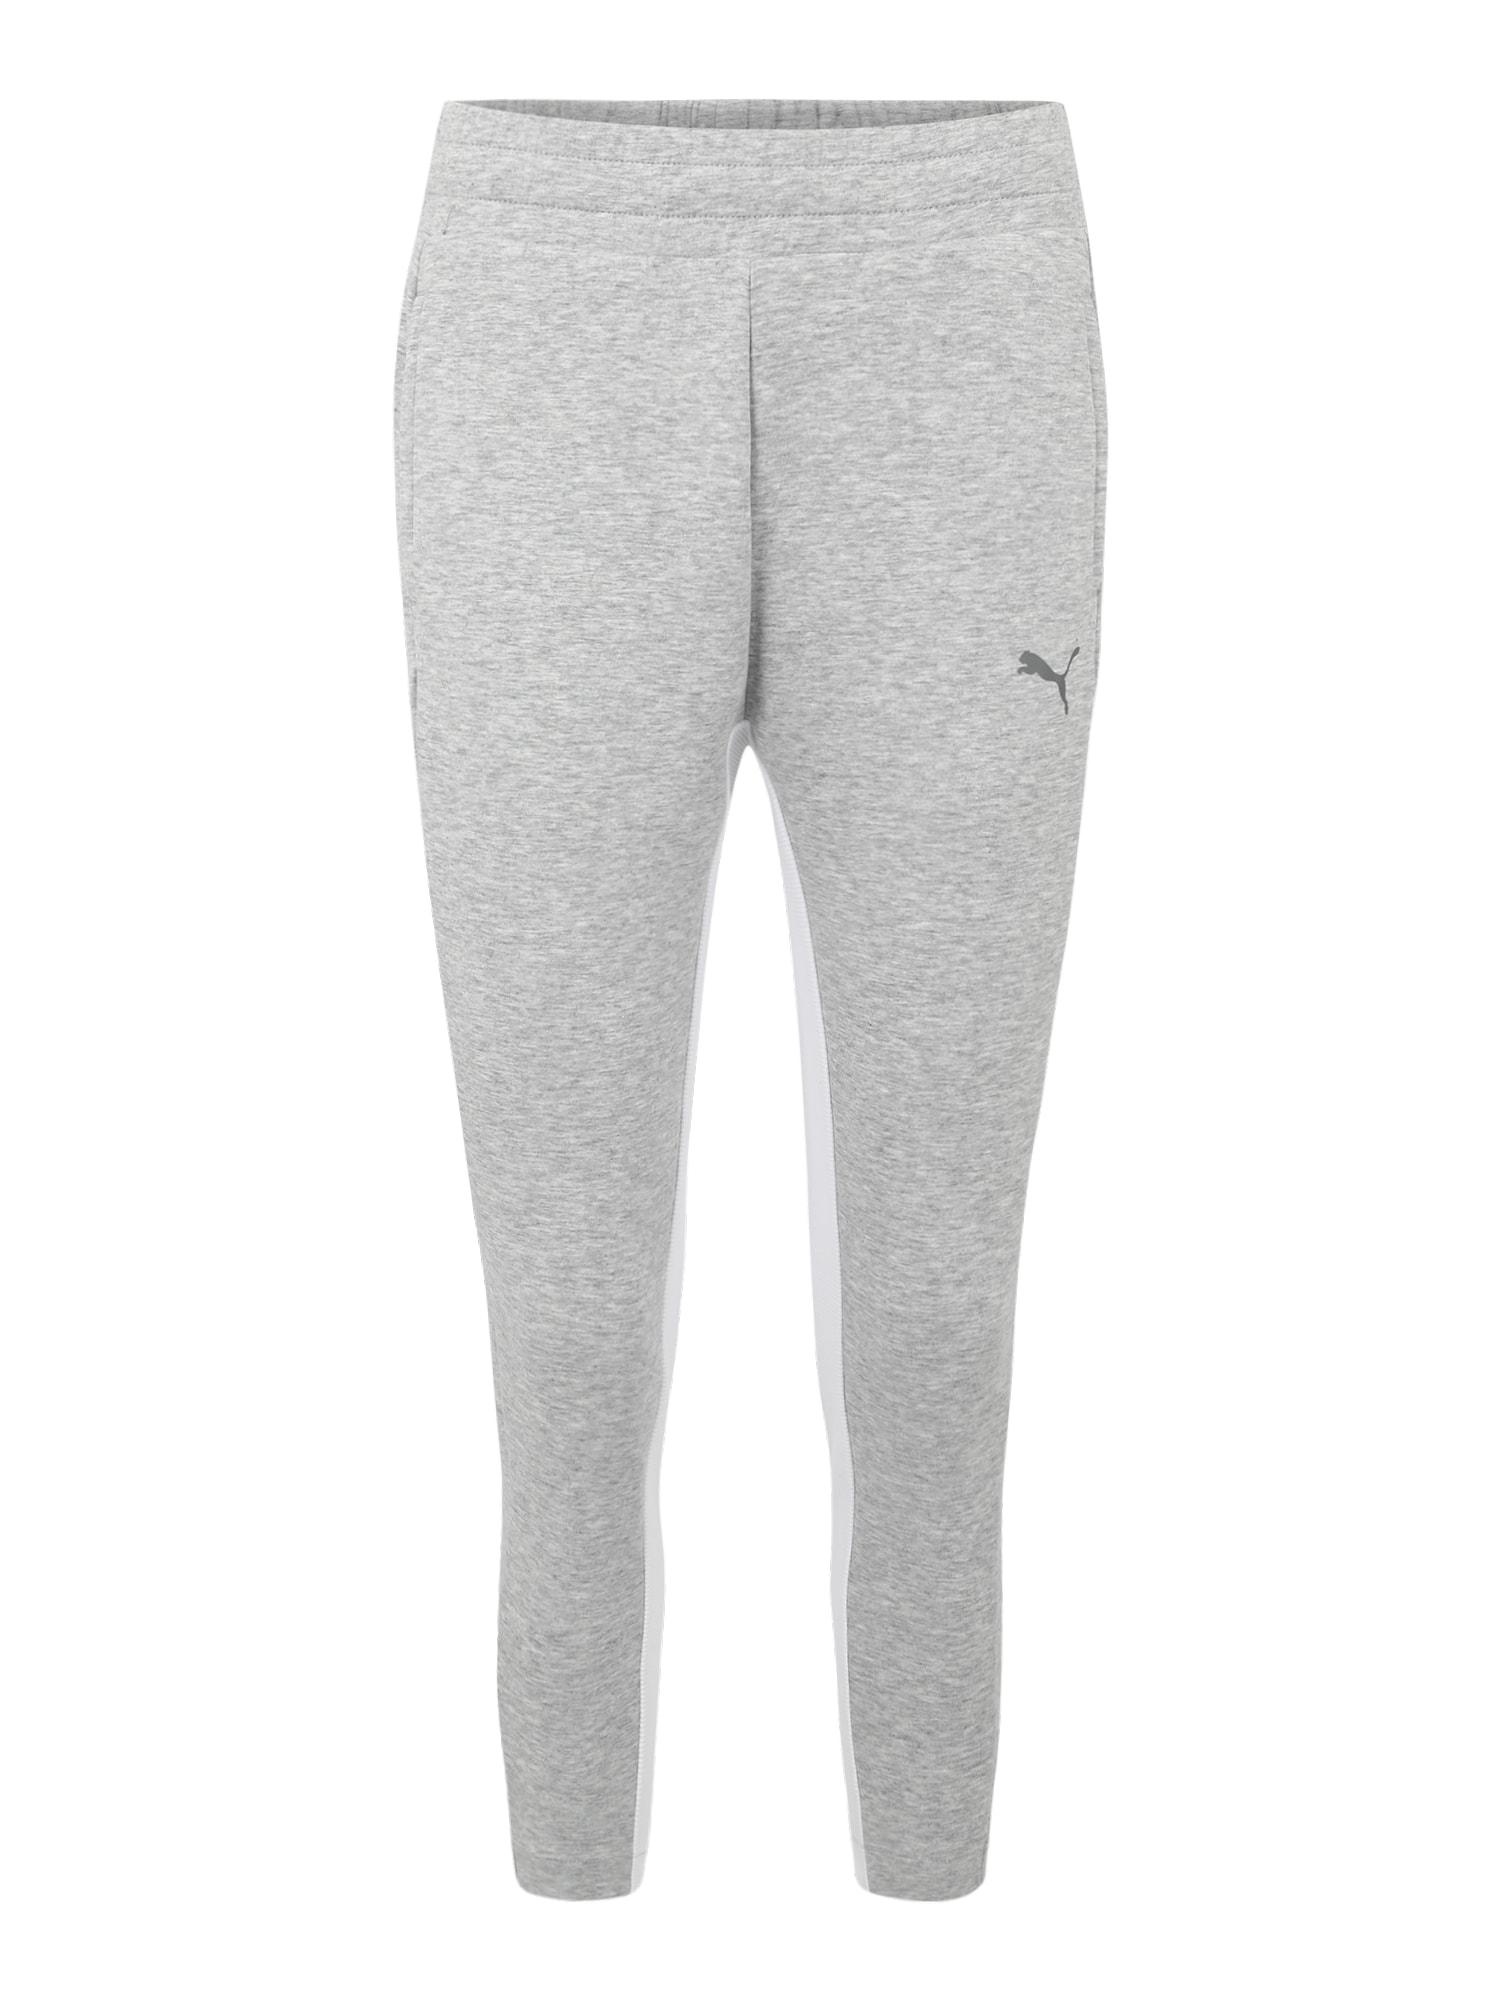 Sportovní kalhoty EVOSTRIPE Pants světle šedá PUMA